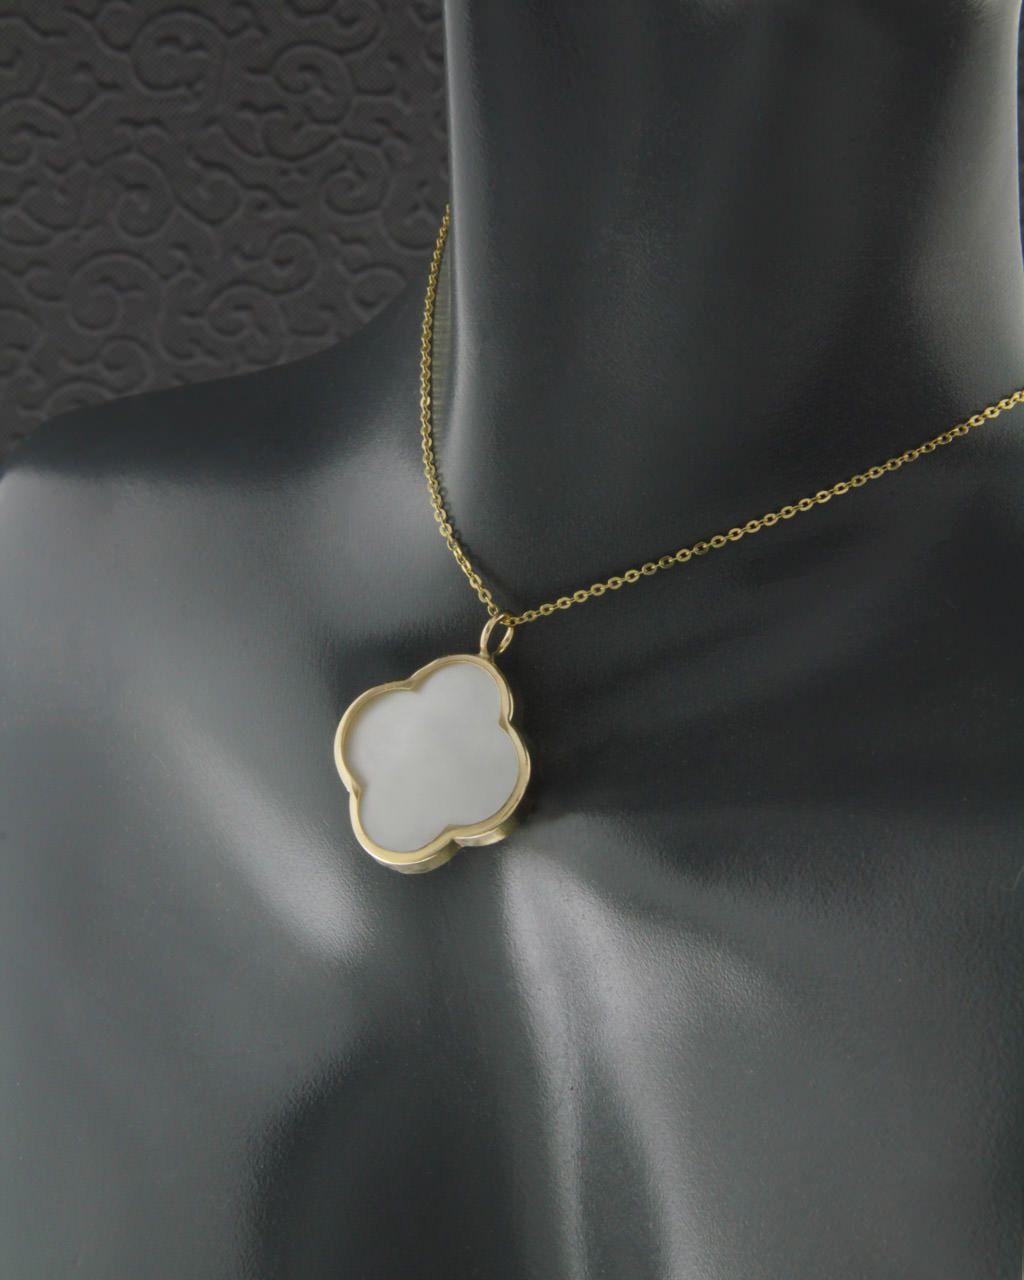 Κρεμαστό χρυσό Κ14 με Φίλντισι  9ddcf4a61bd